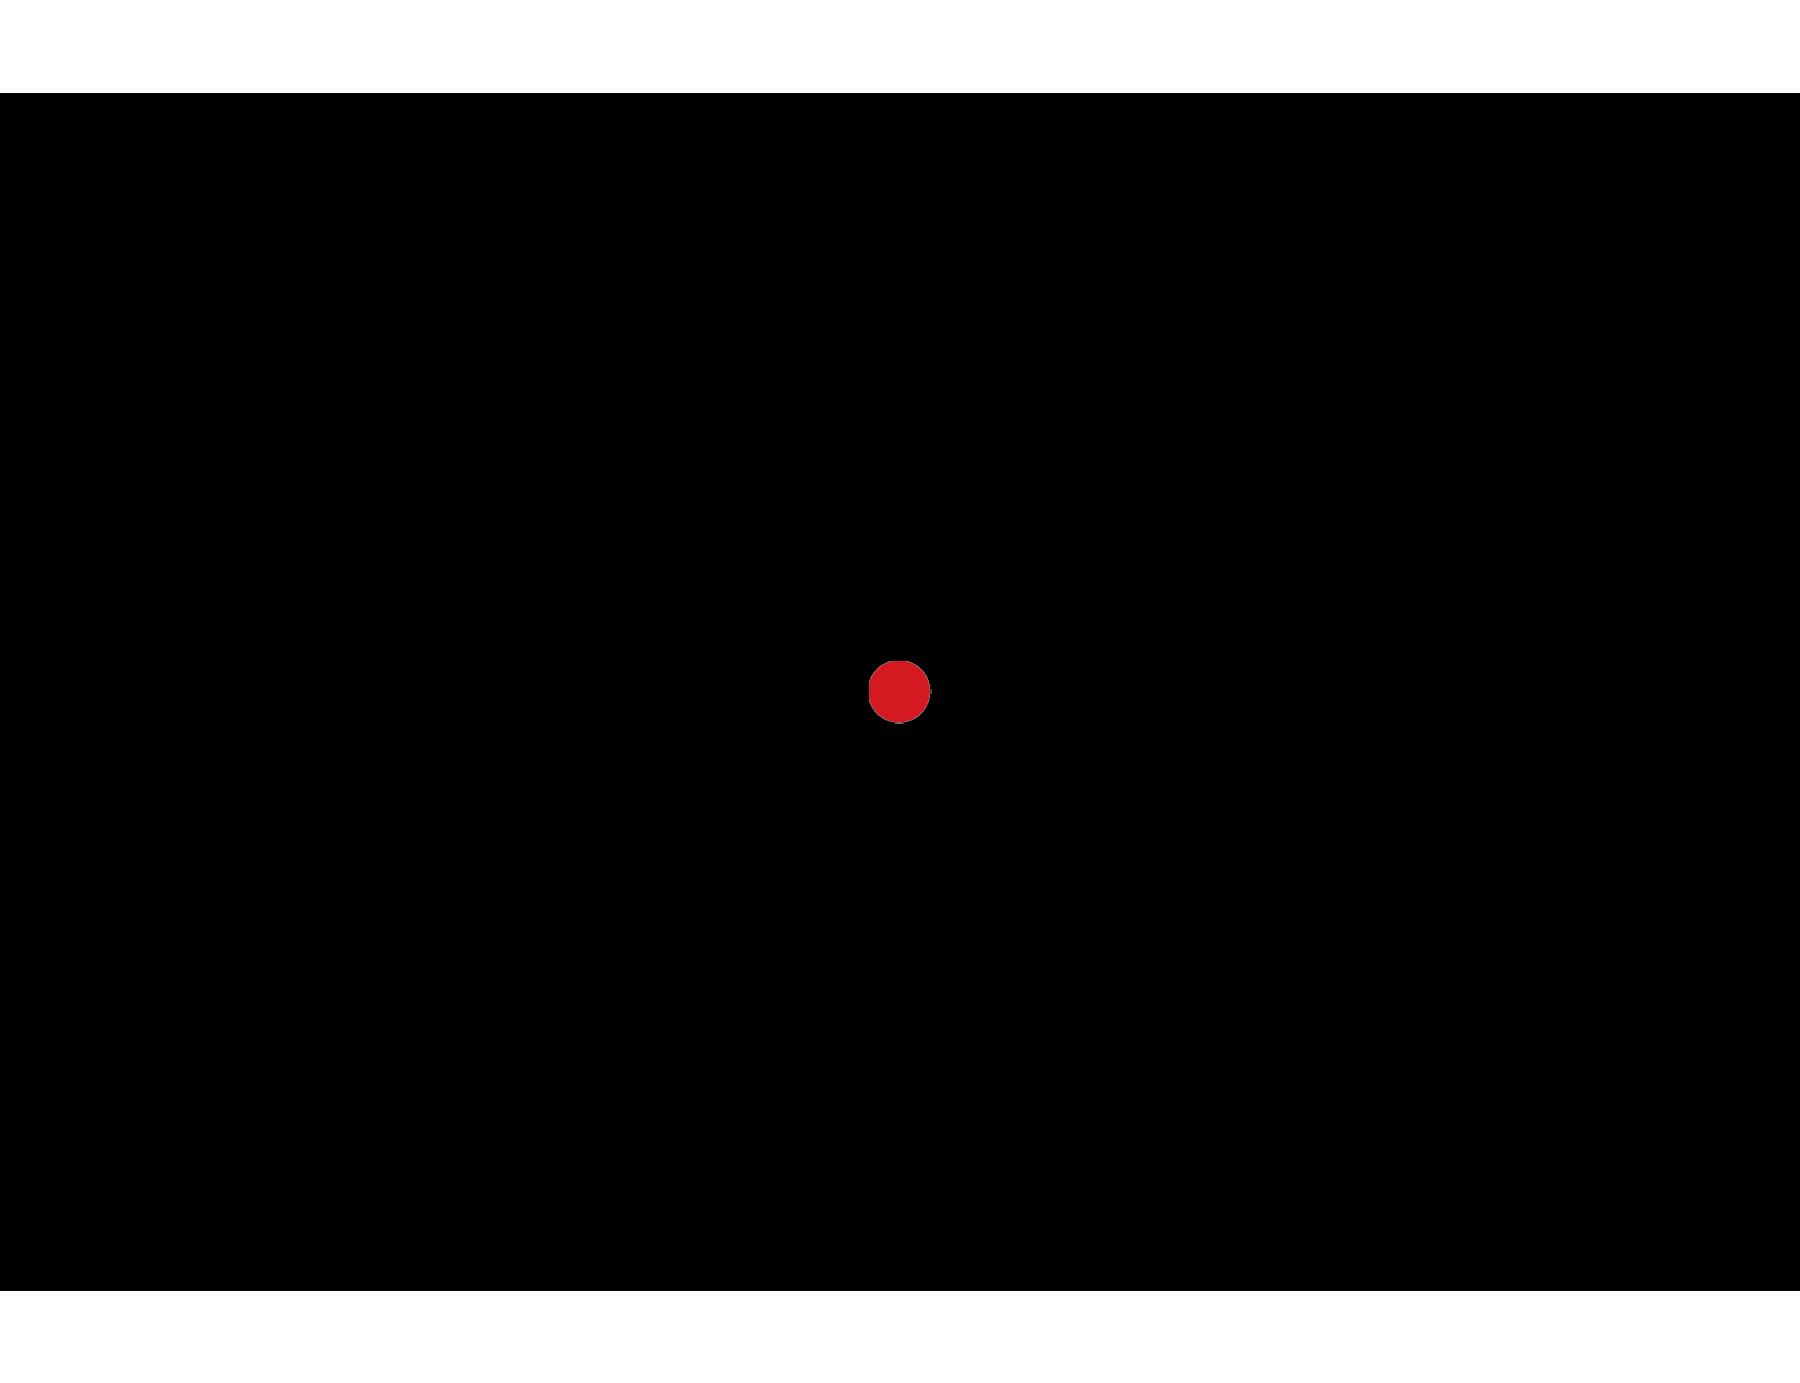 simbolo grigio